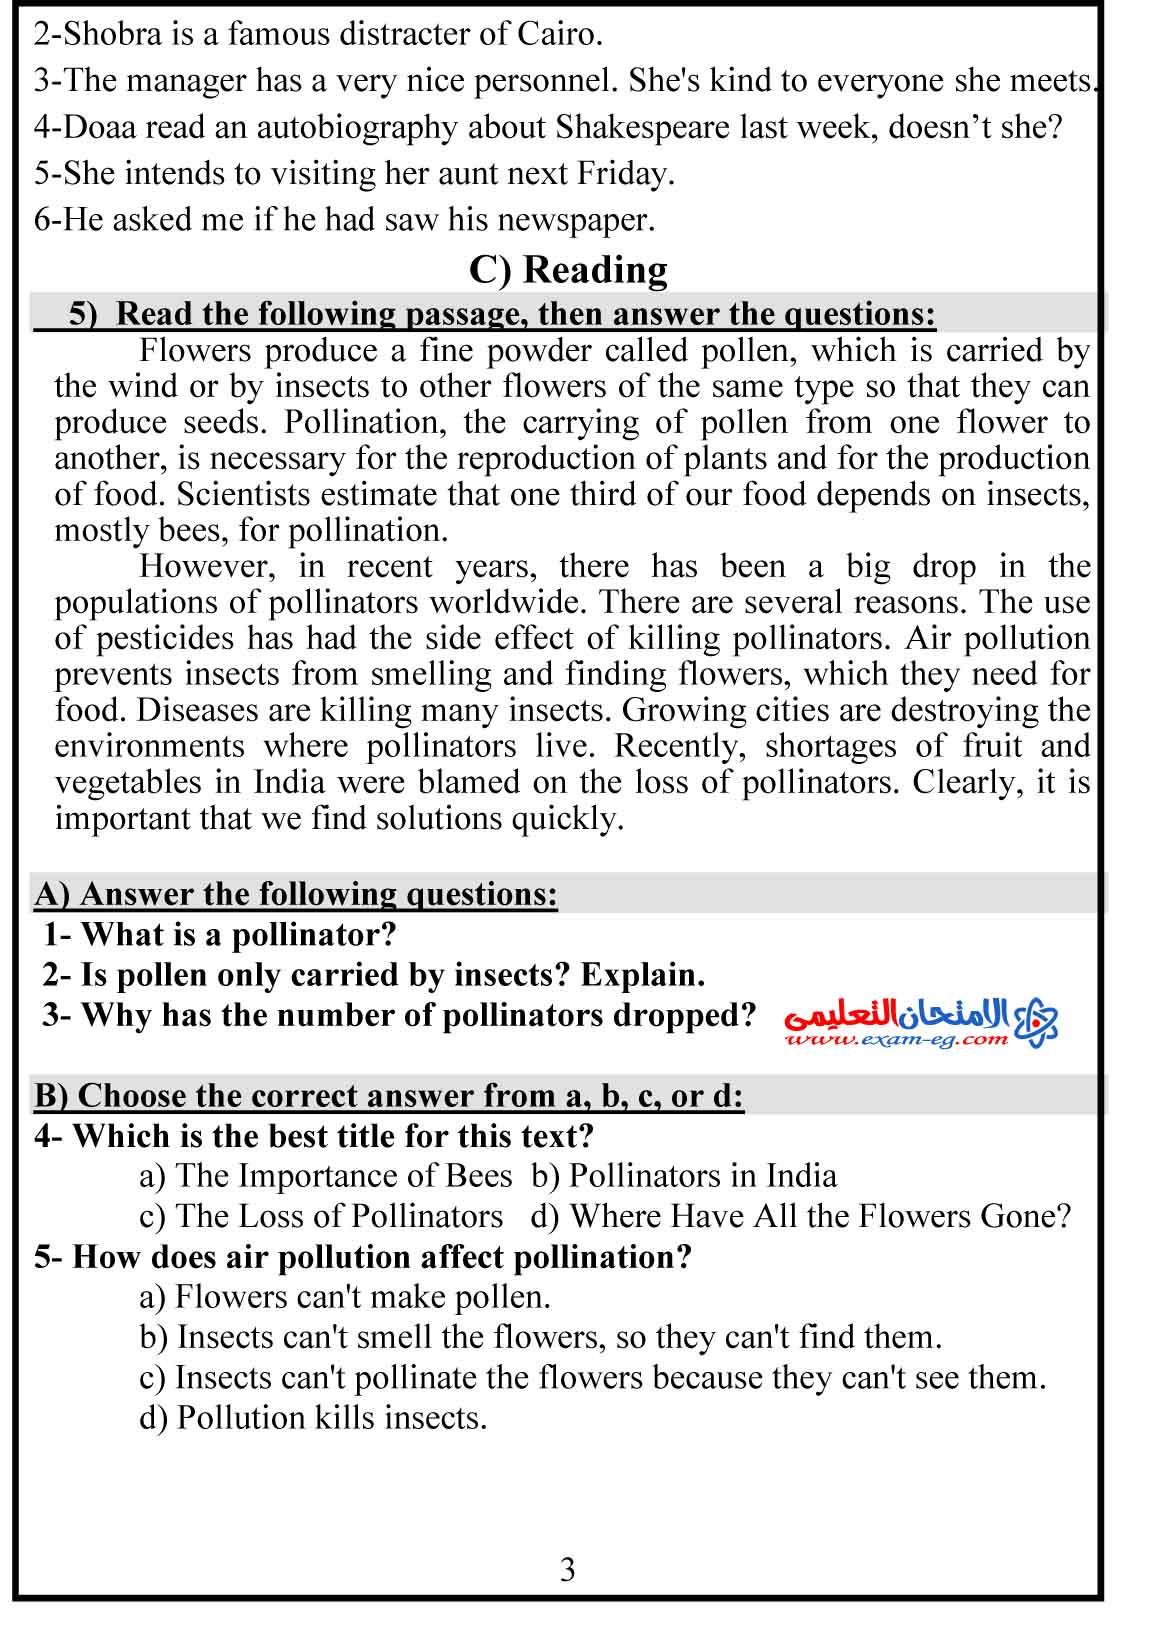 امتحان لغة انجليزية 4 - الامتحان التعليمى-3